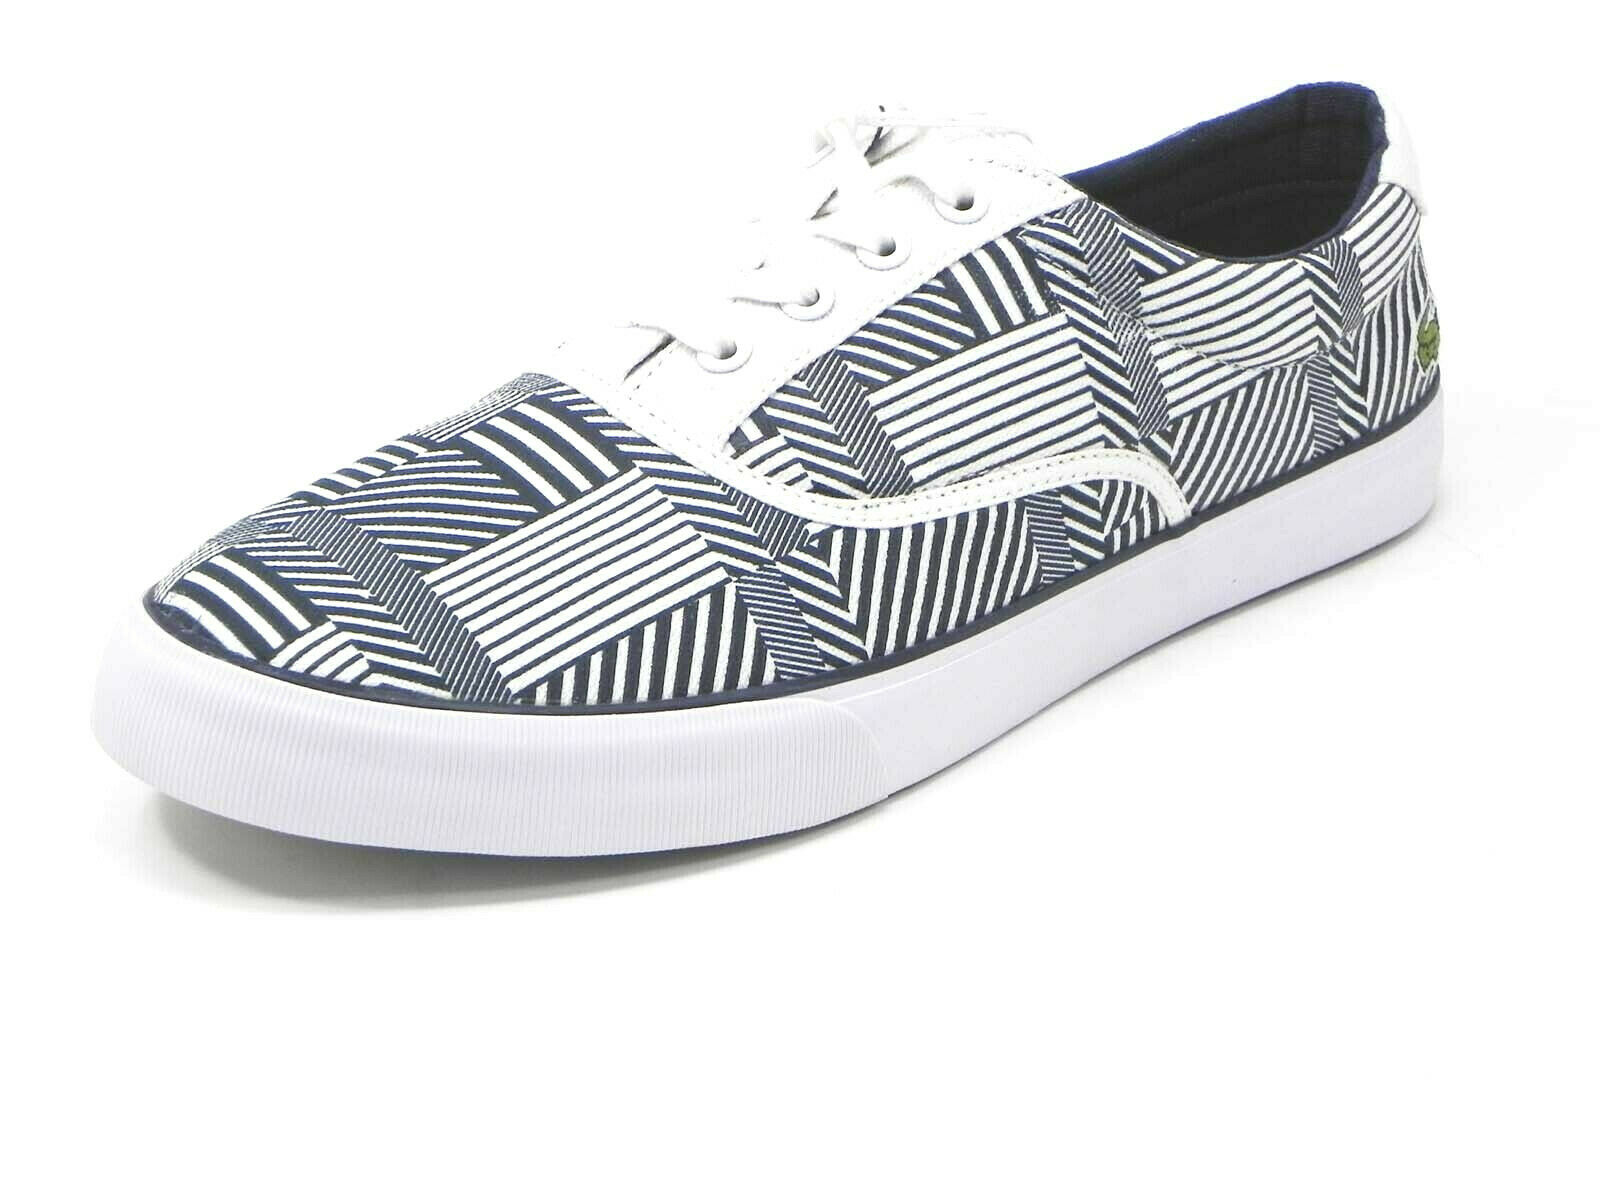 Lacoste Shoes Man Sneakers Canvas Gymnastics n45 Darkblu/Grey Belleveu balances